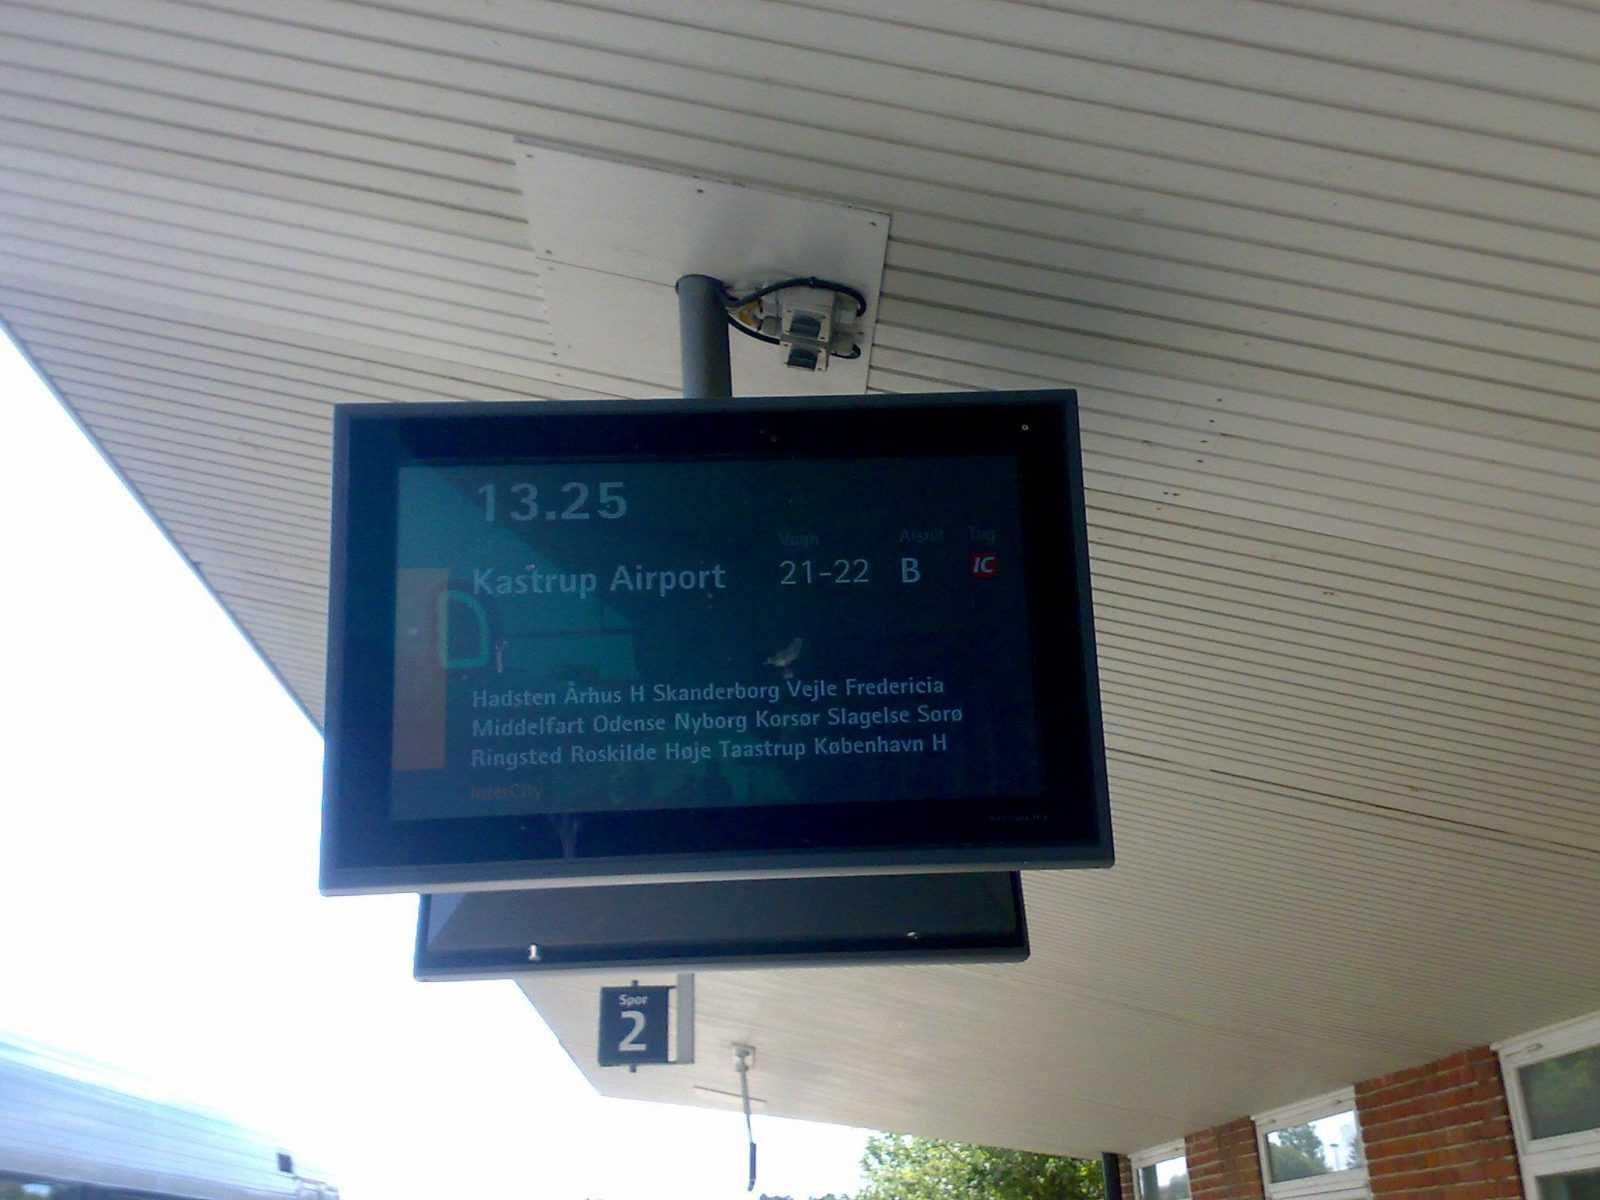 BBC 20 220712 104 - 20-22/7 2012